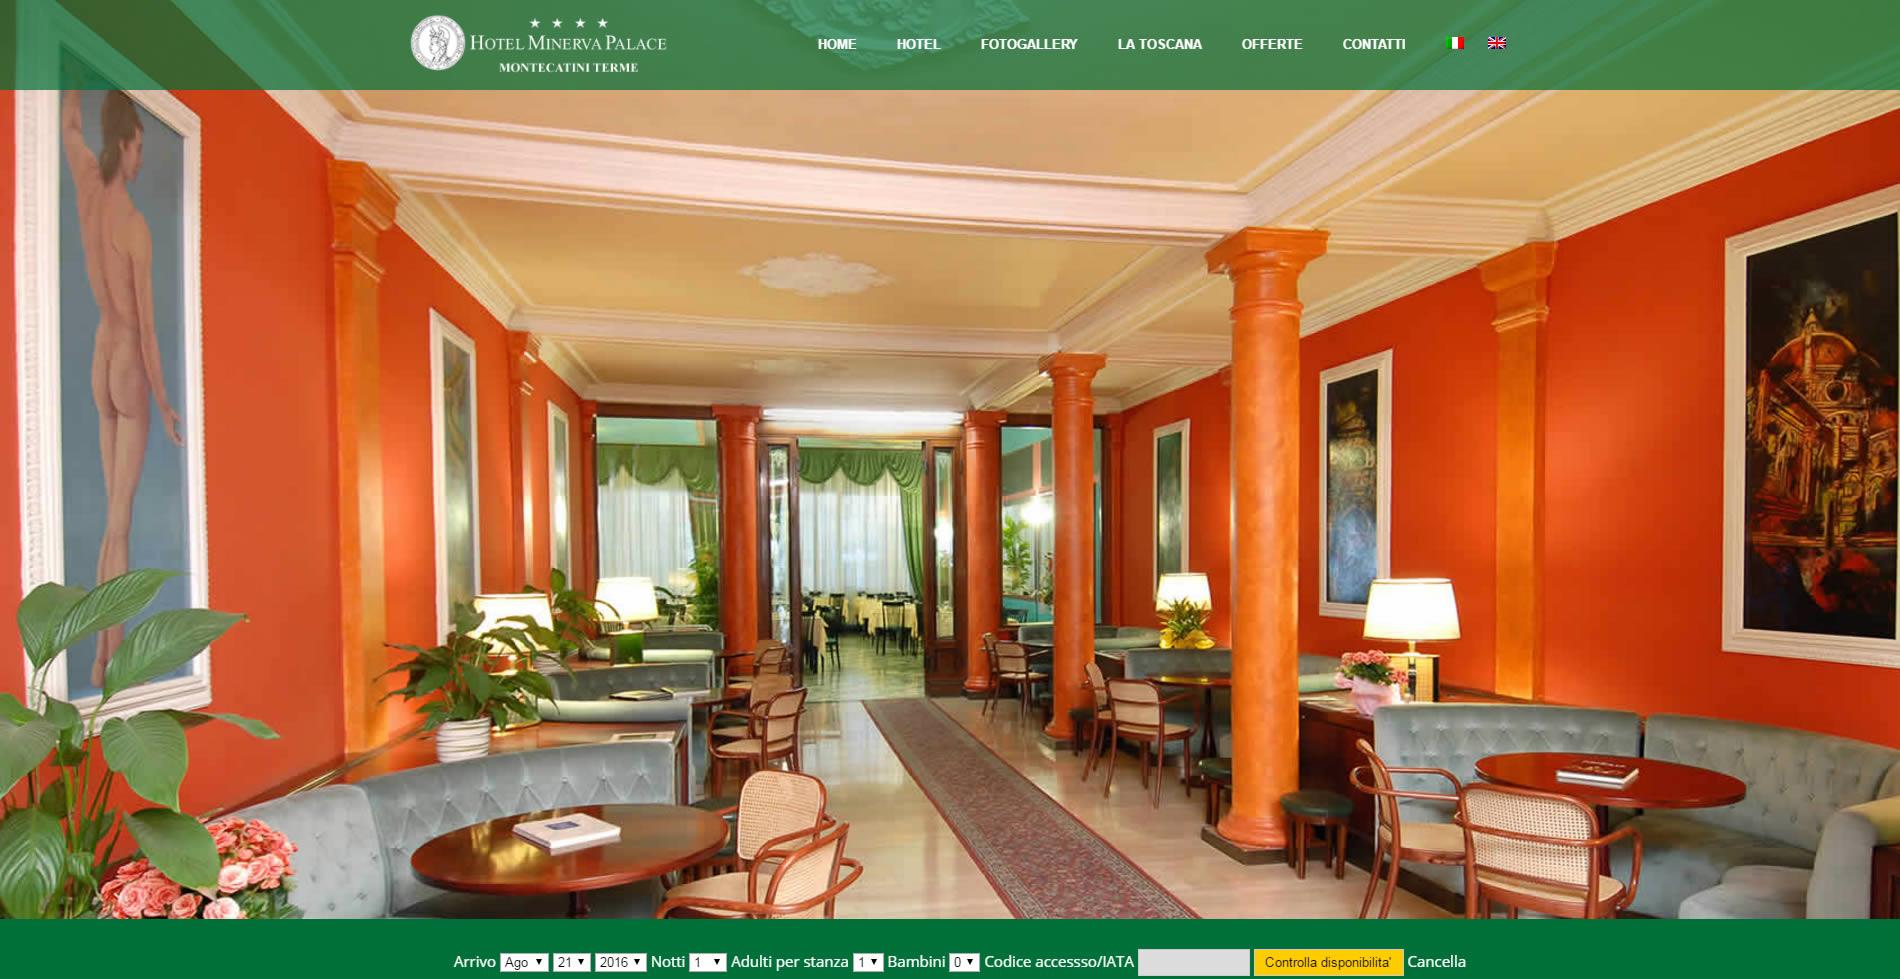 Sito Hotel Minerva Palace